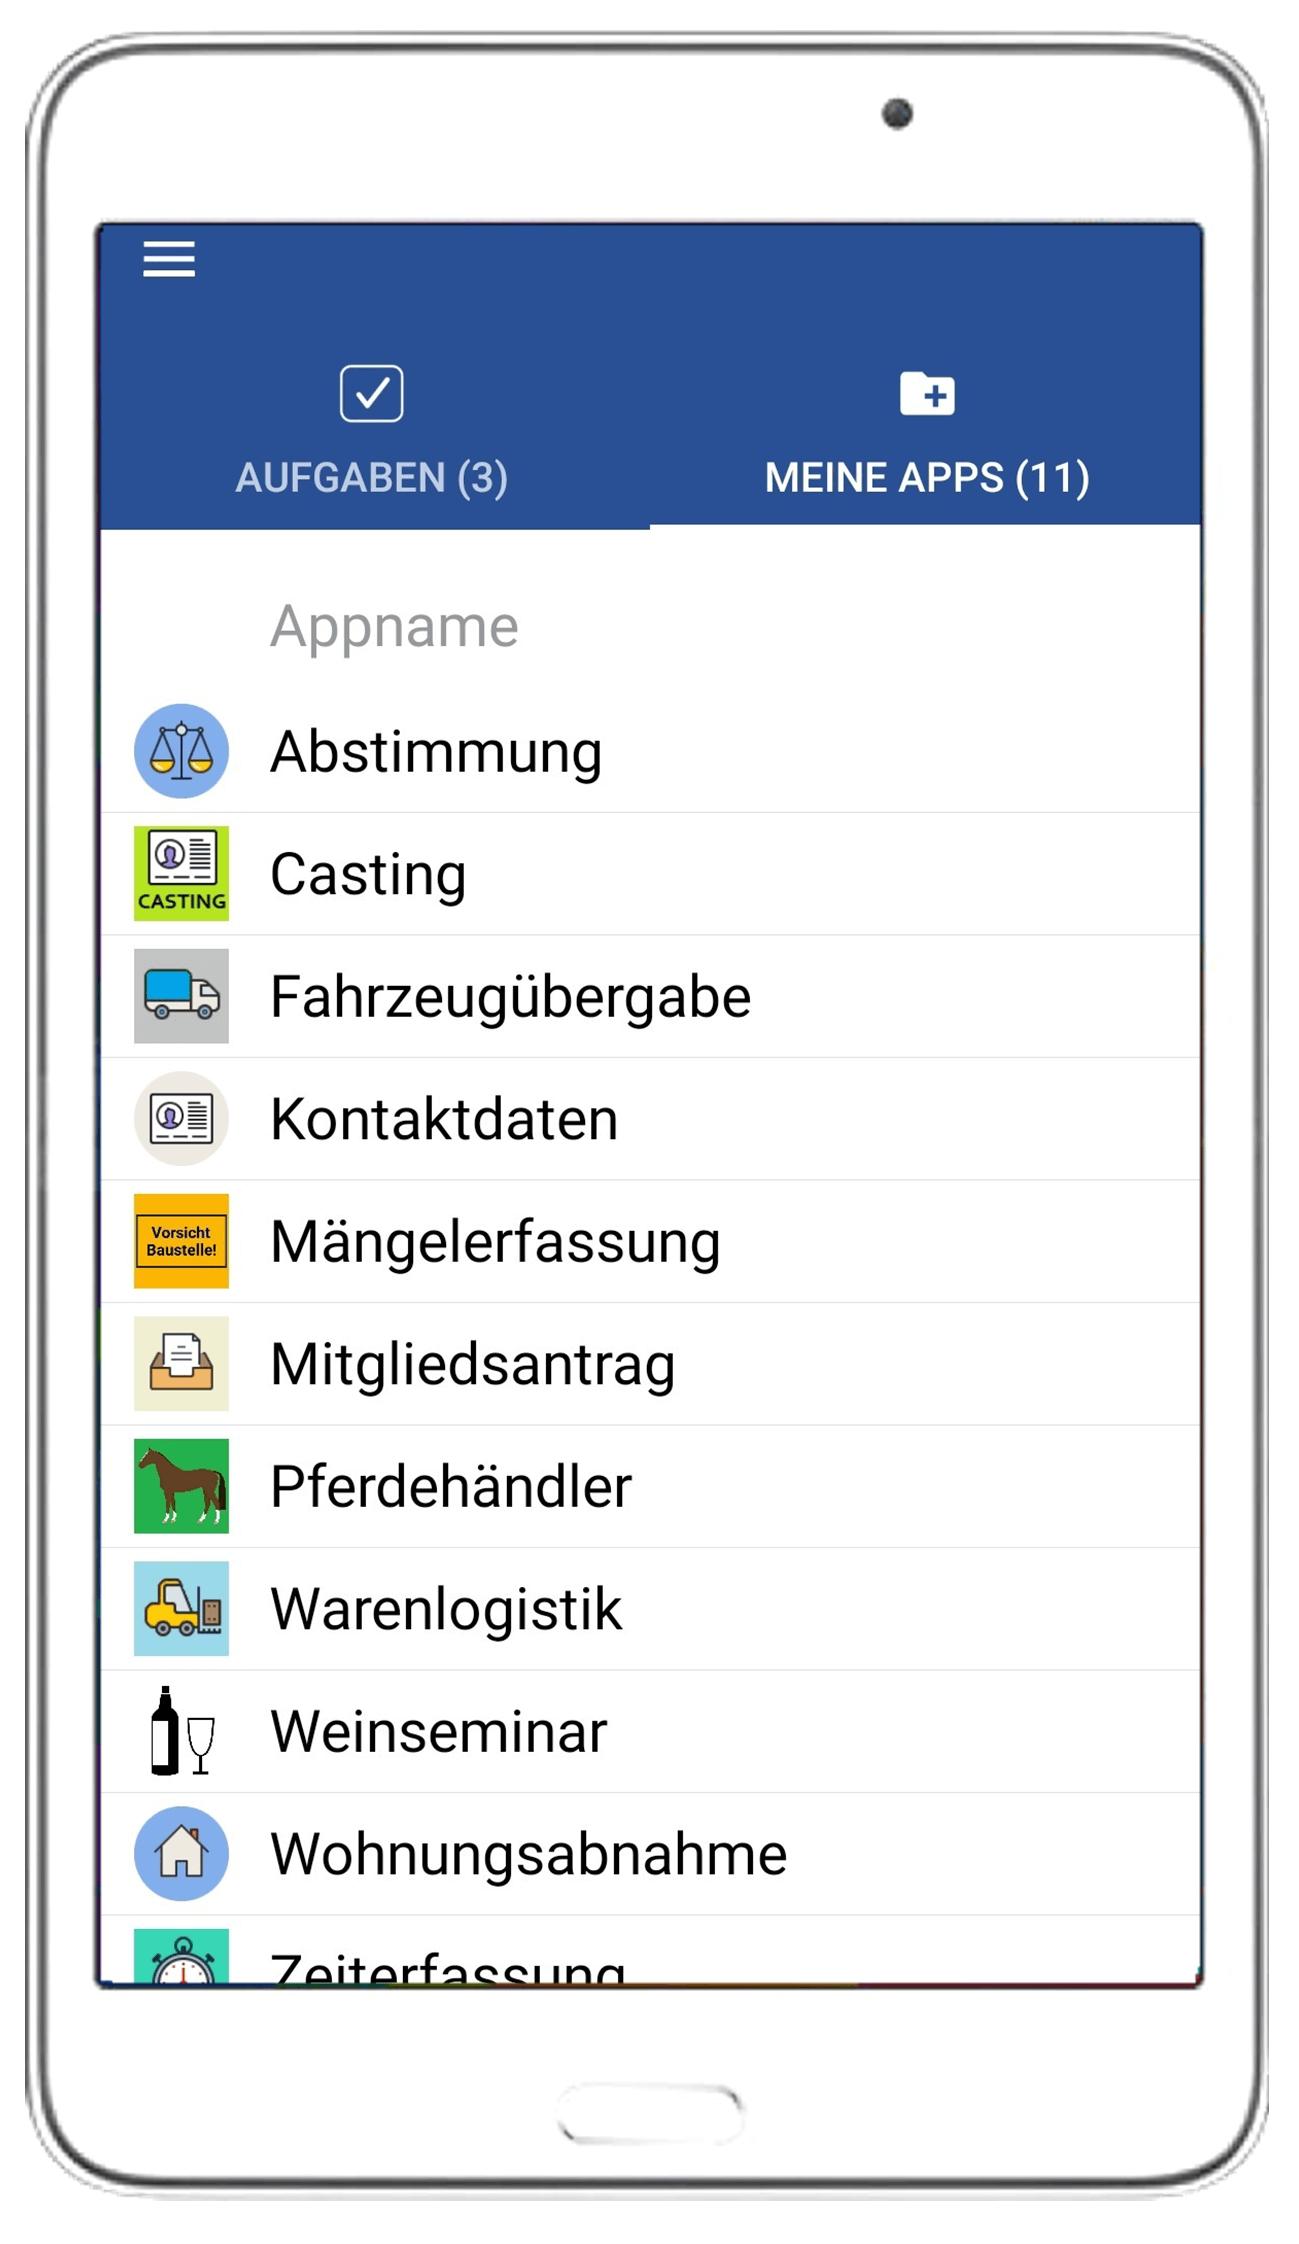 In der App-Liste werden alle verfügbaren Apps angeboten.